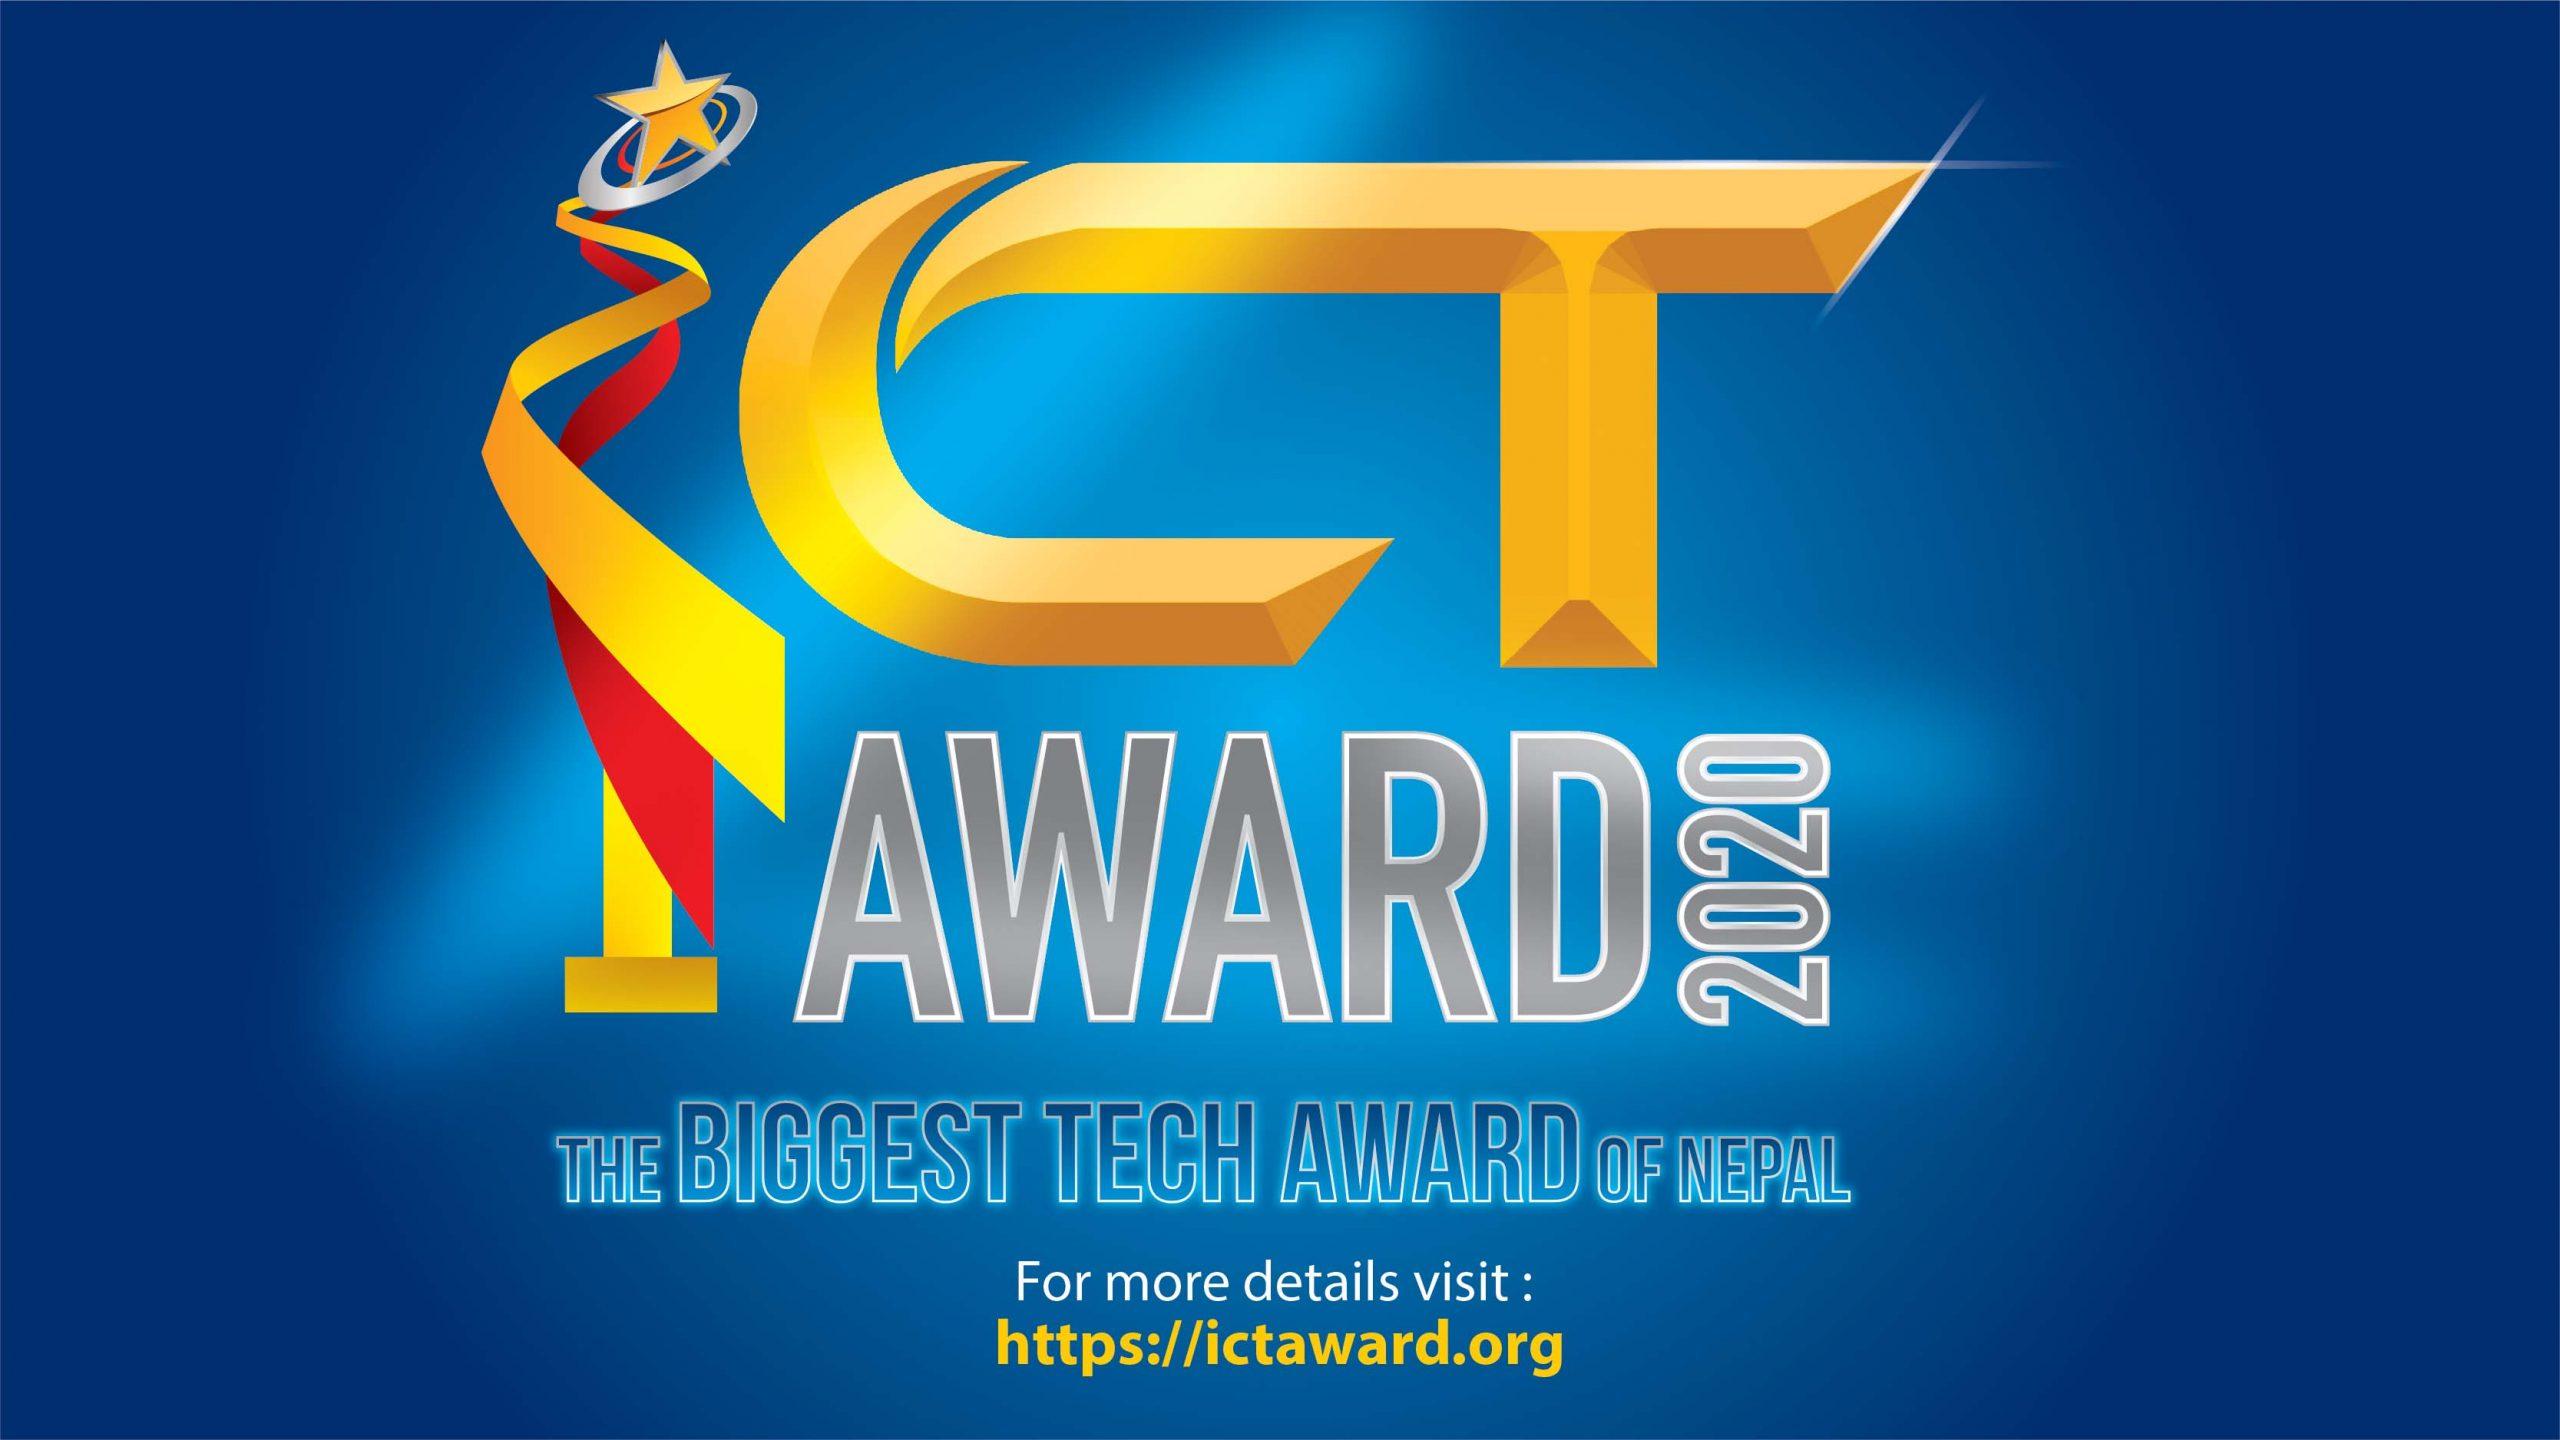 ict award photo large